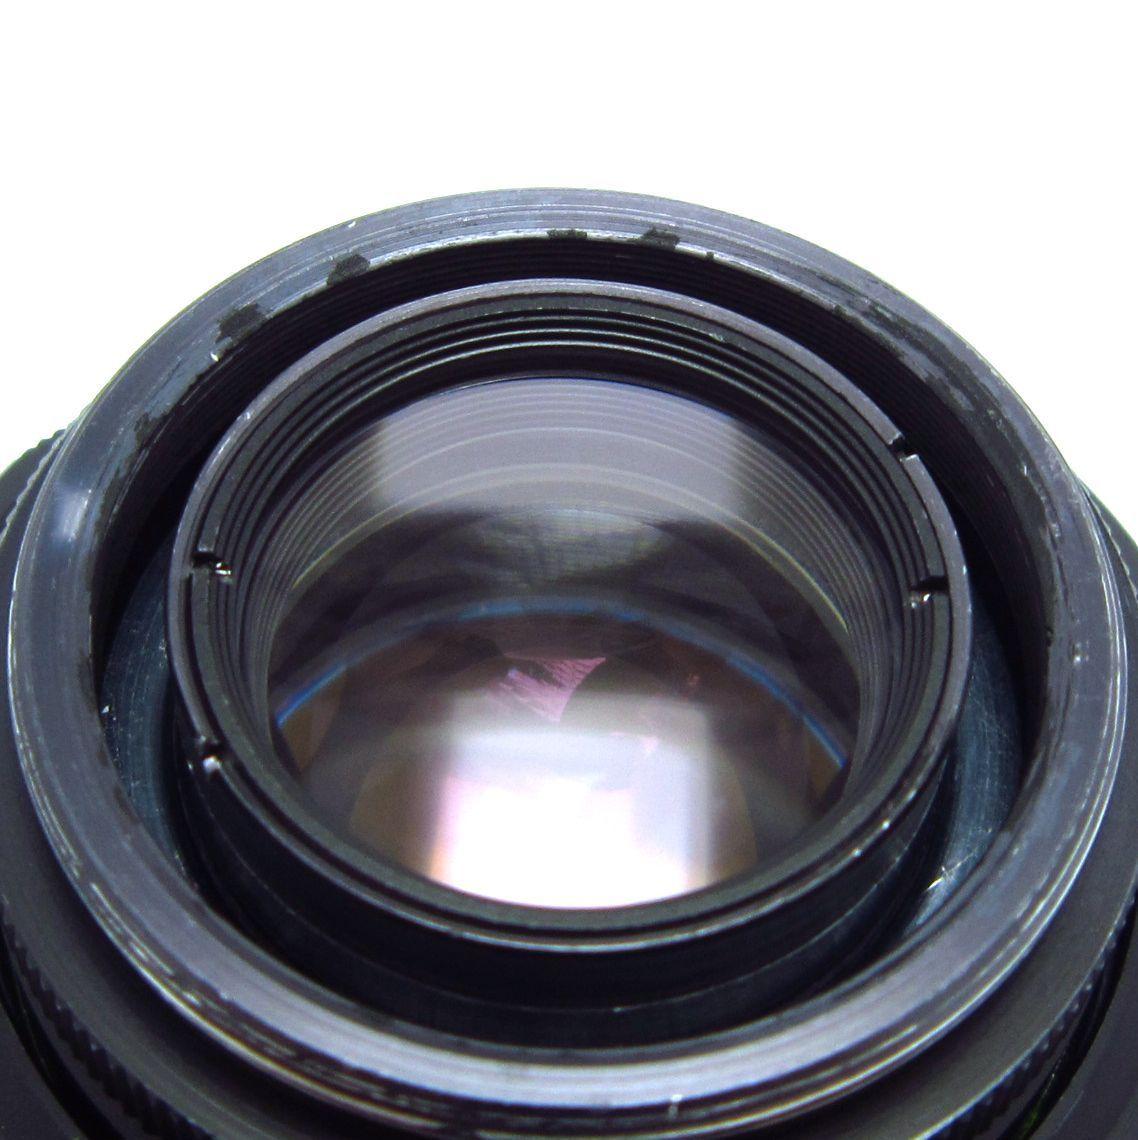 helios 44_8.jpg